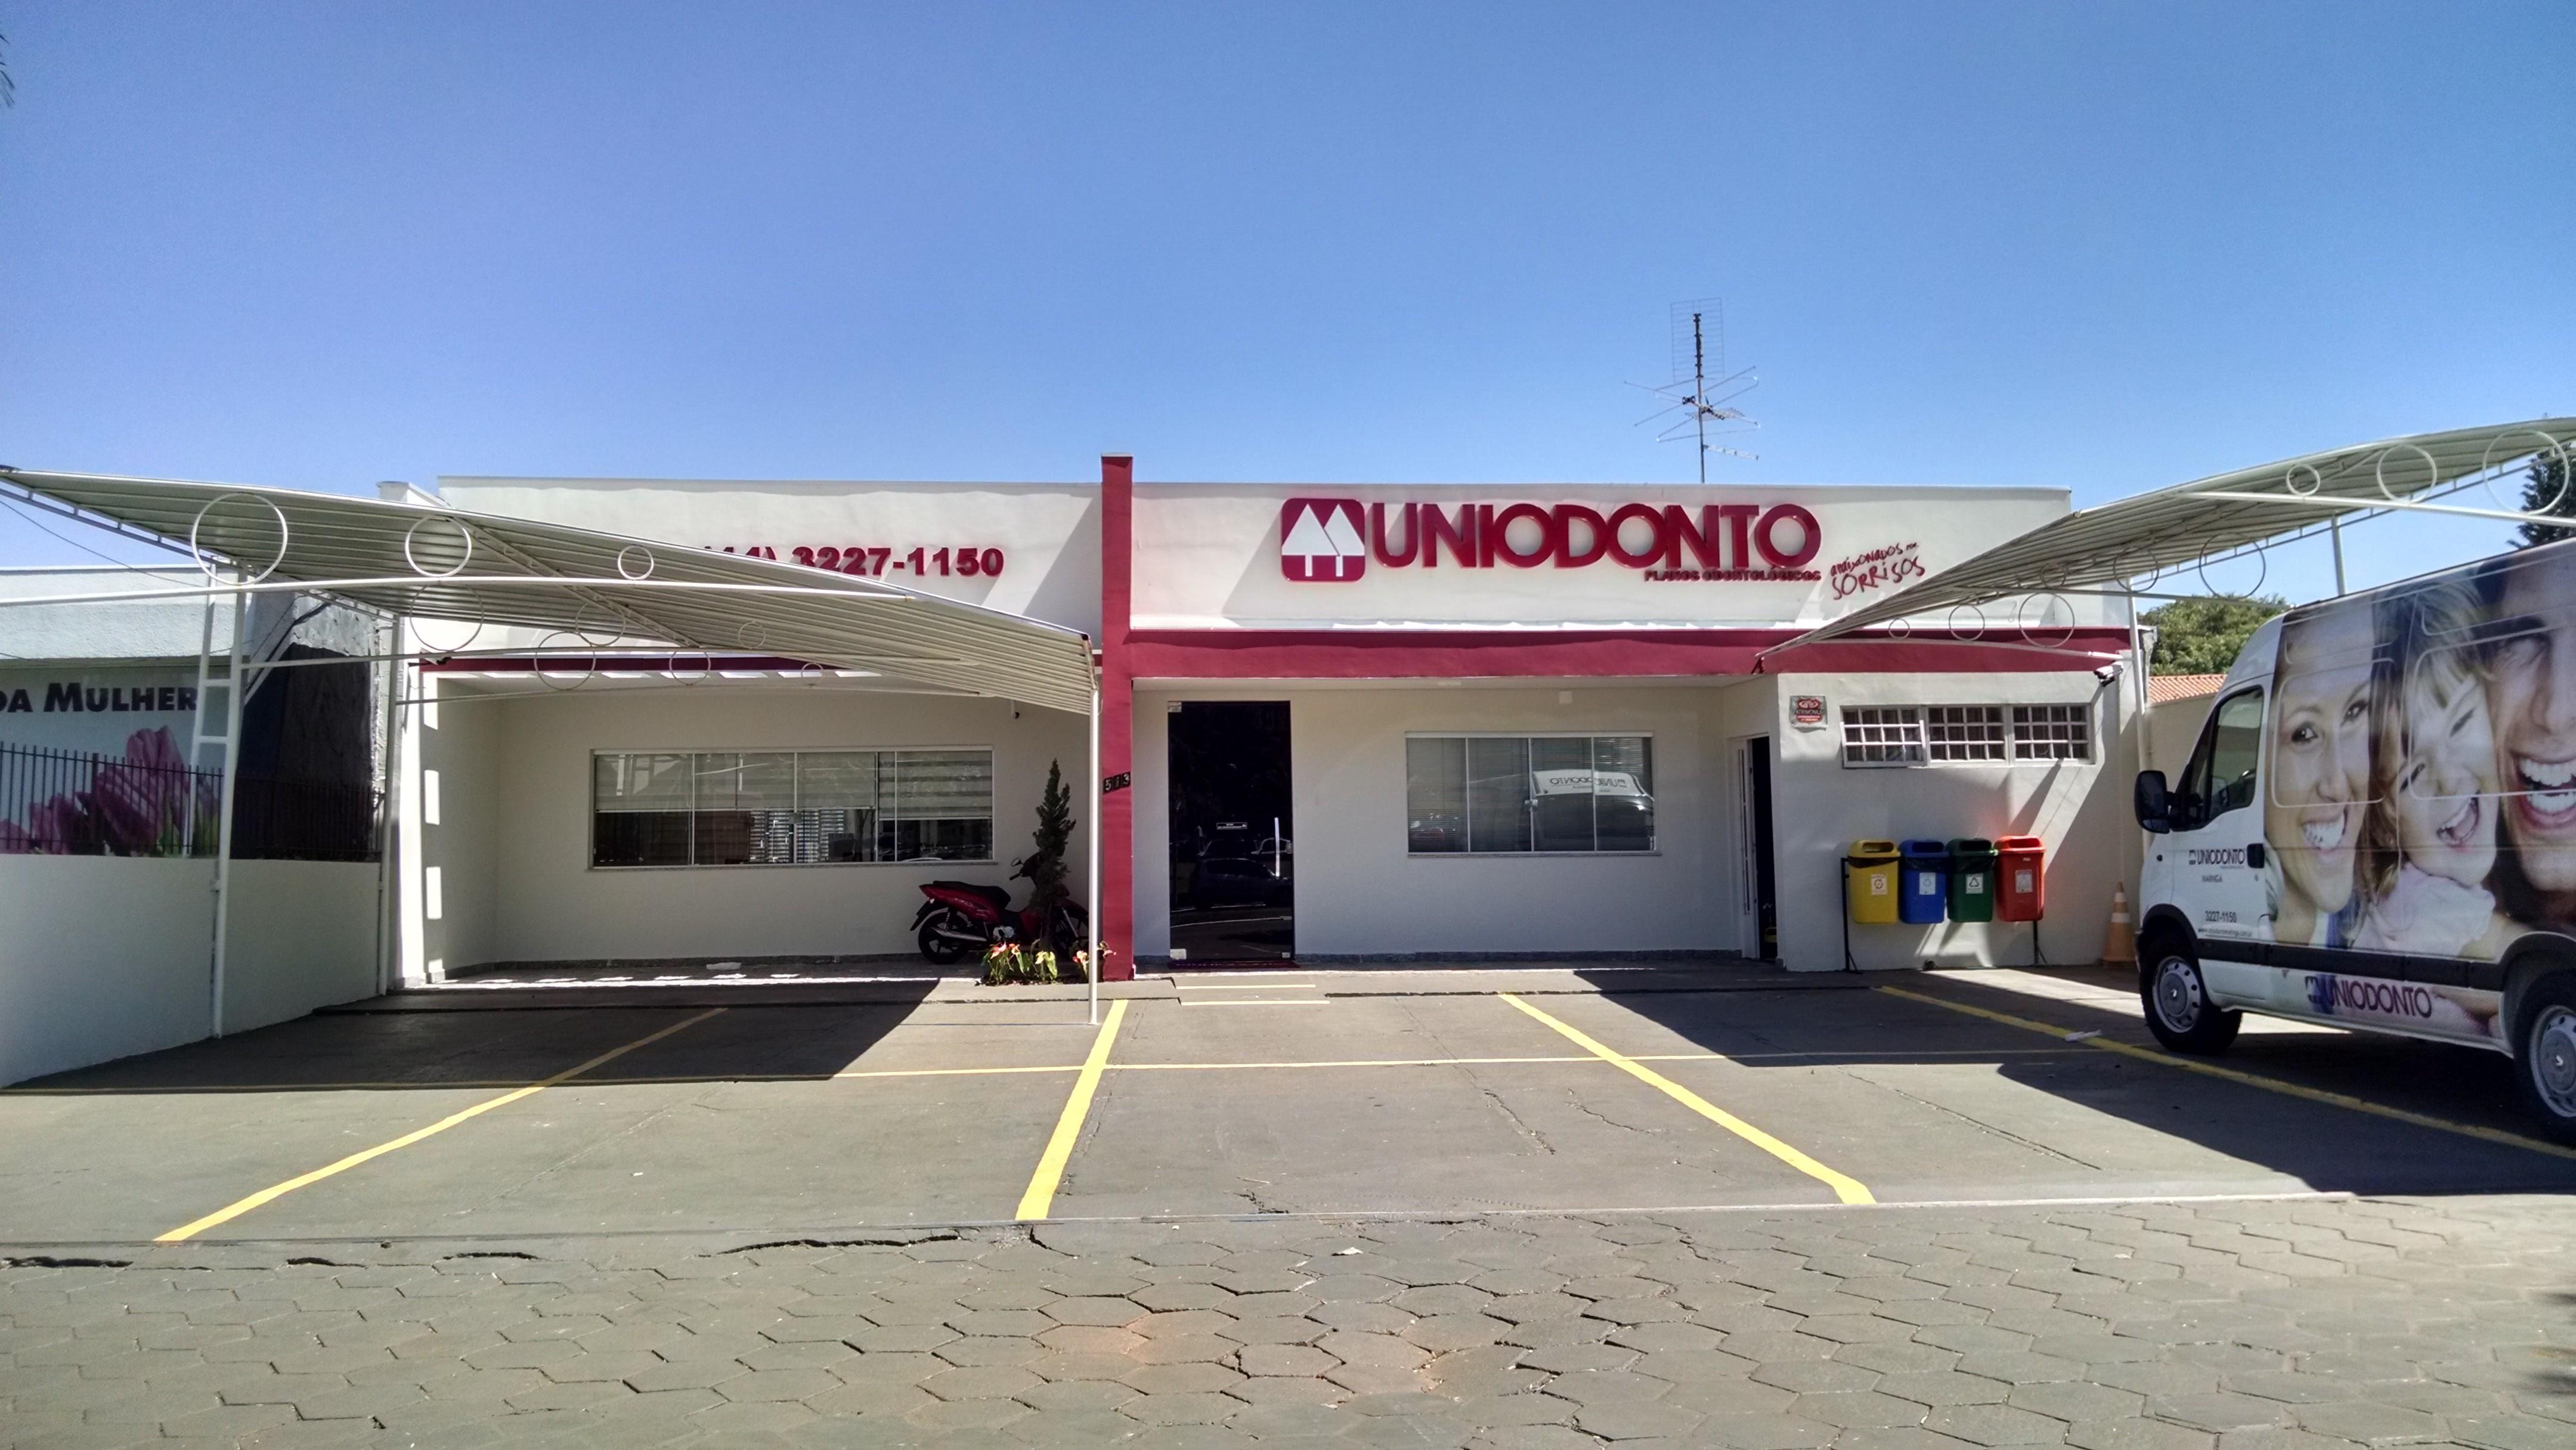 Uniodonto Maringá